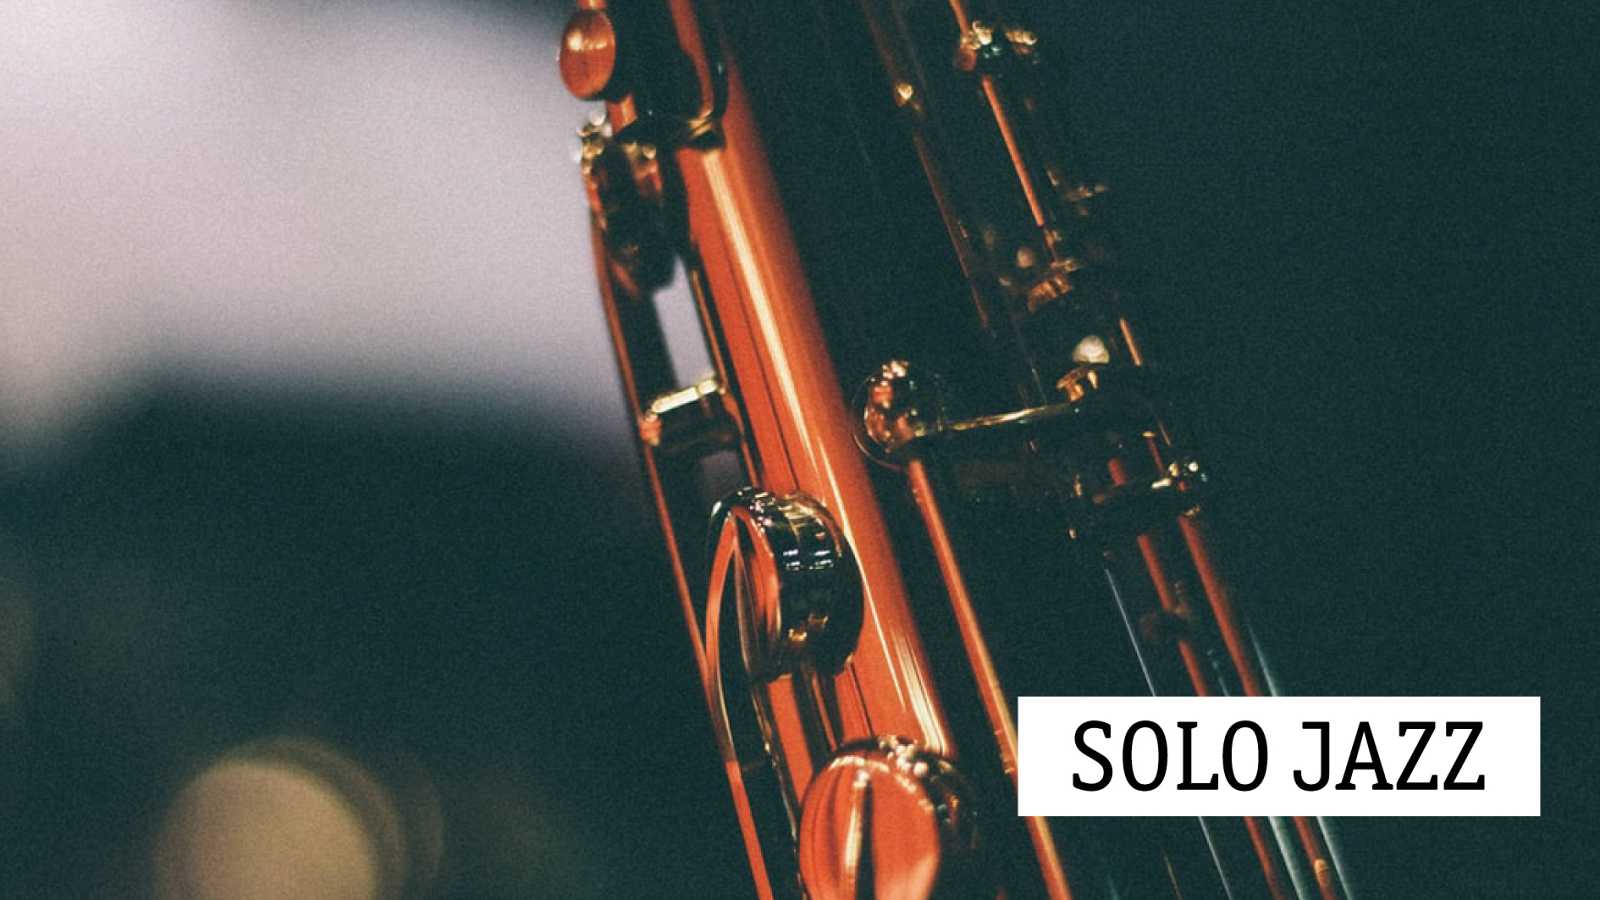 Solo jazz - Stanley Turrentine, el saxofonista convincente - 24/01/20 - escuchar ahora